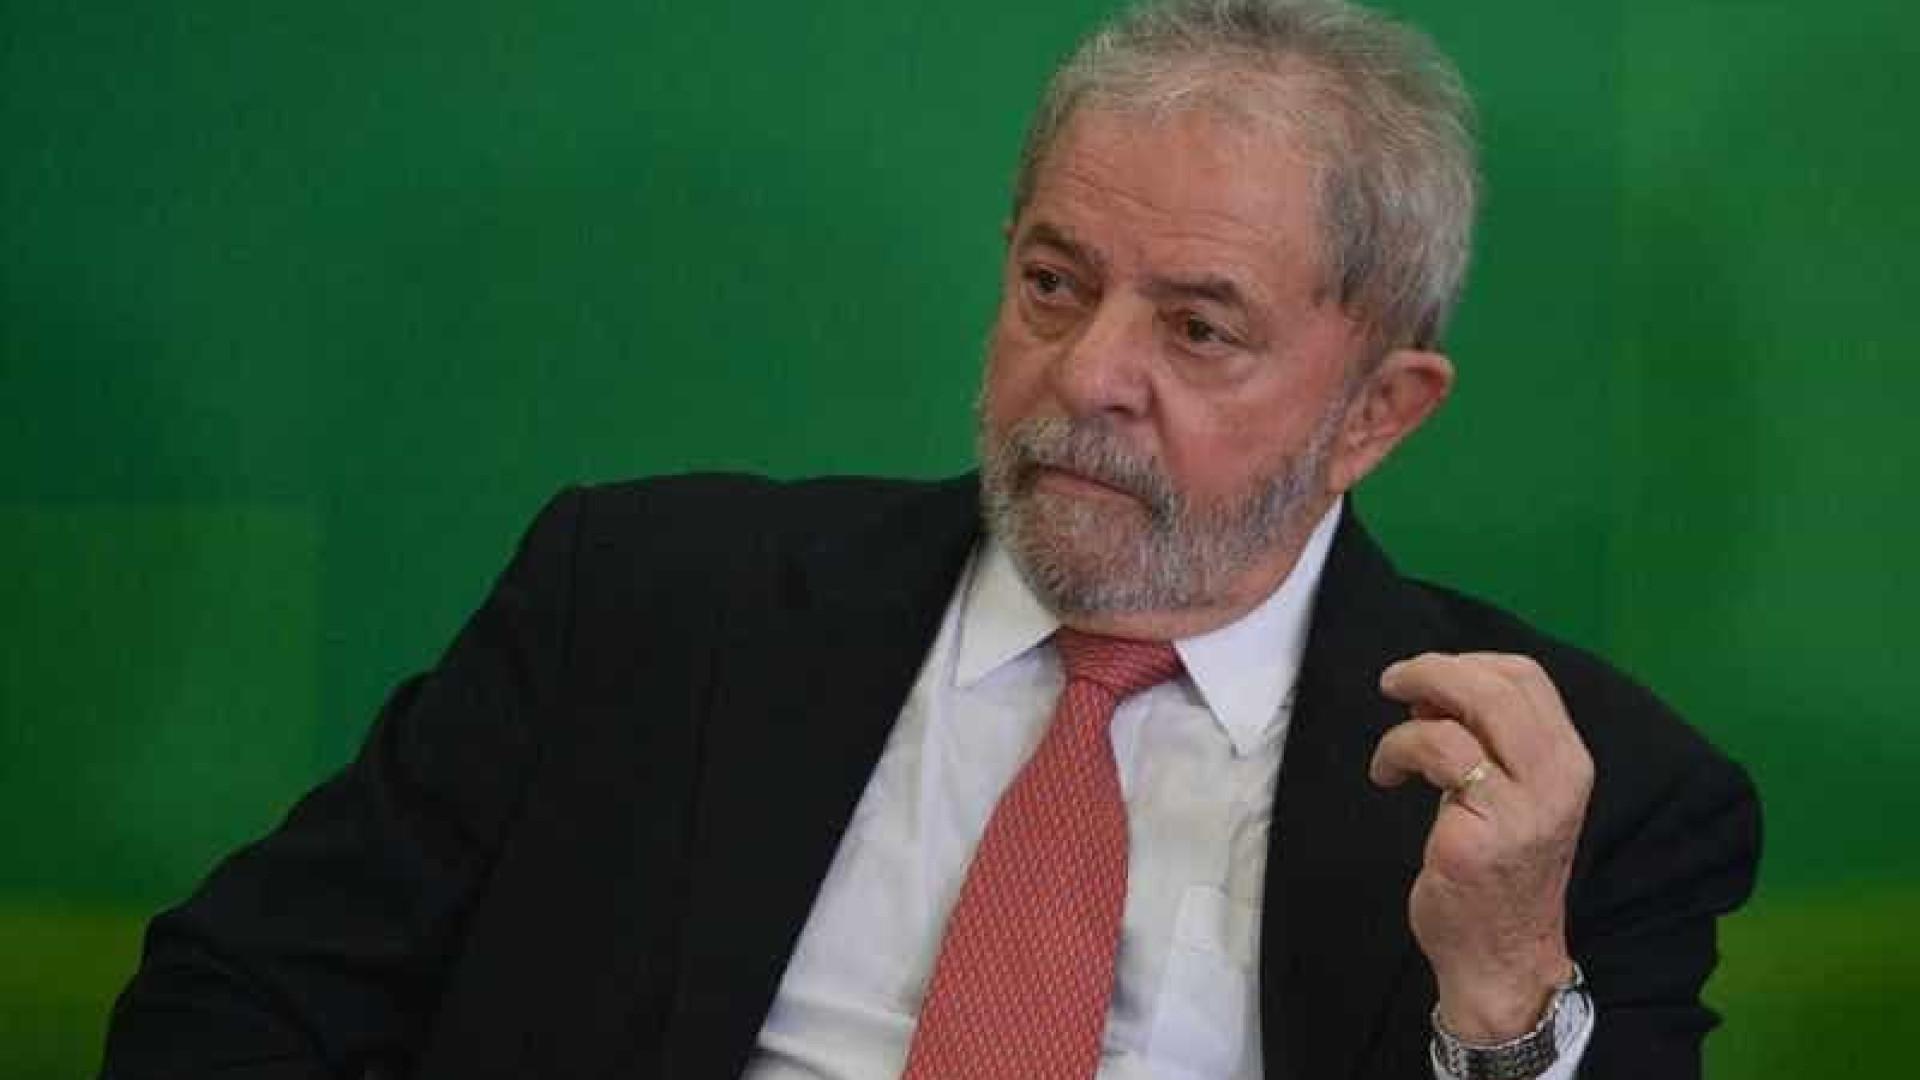 Tribunal suspende prazos e altera expediente durante julgamento de Lula